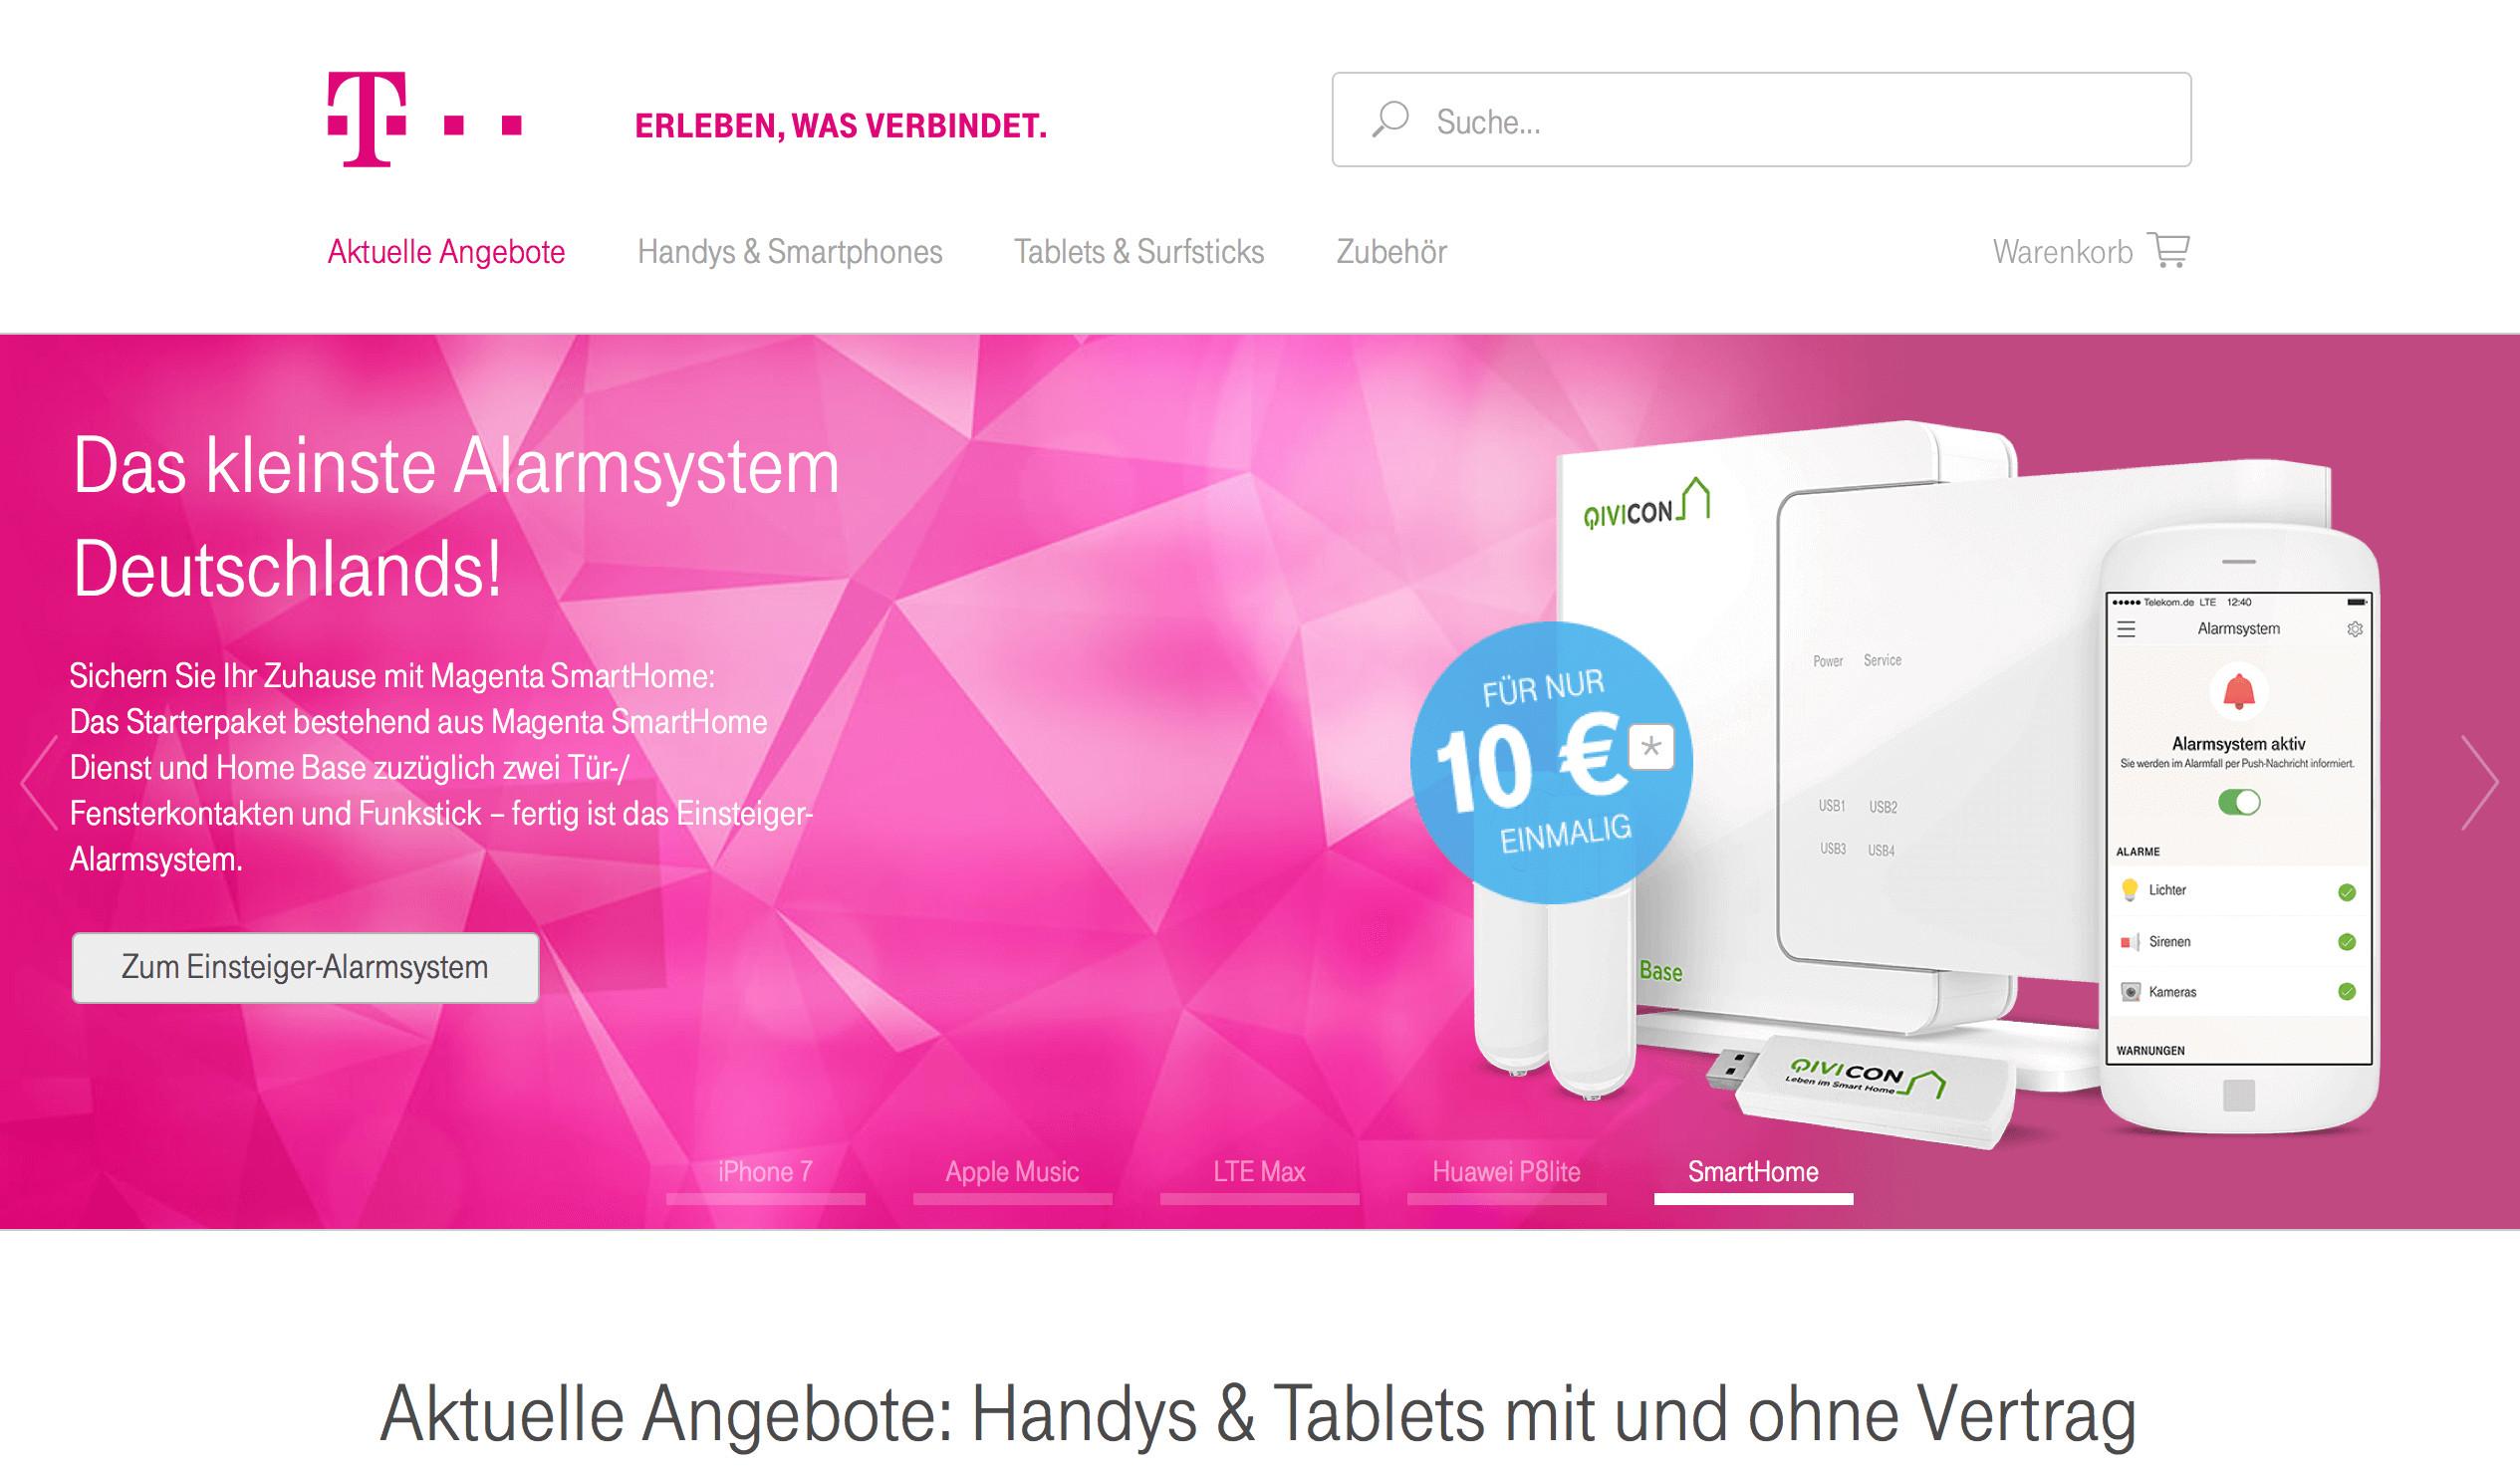 Telekom Geburtstagsgeschenk Einlösen  Telekom Shop Gutschein • 10€ Gutscheincode • im Januar 2018